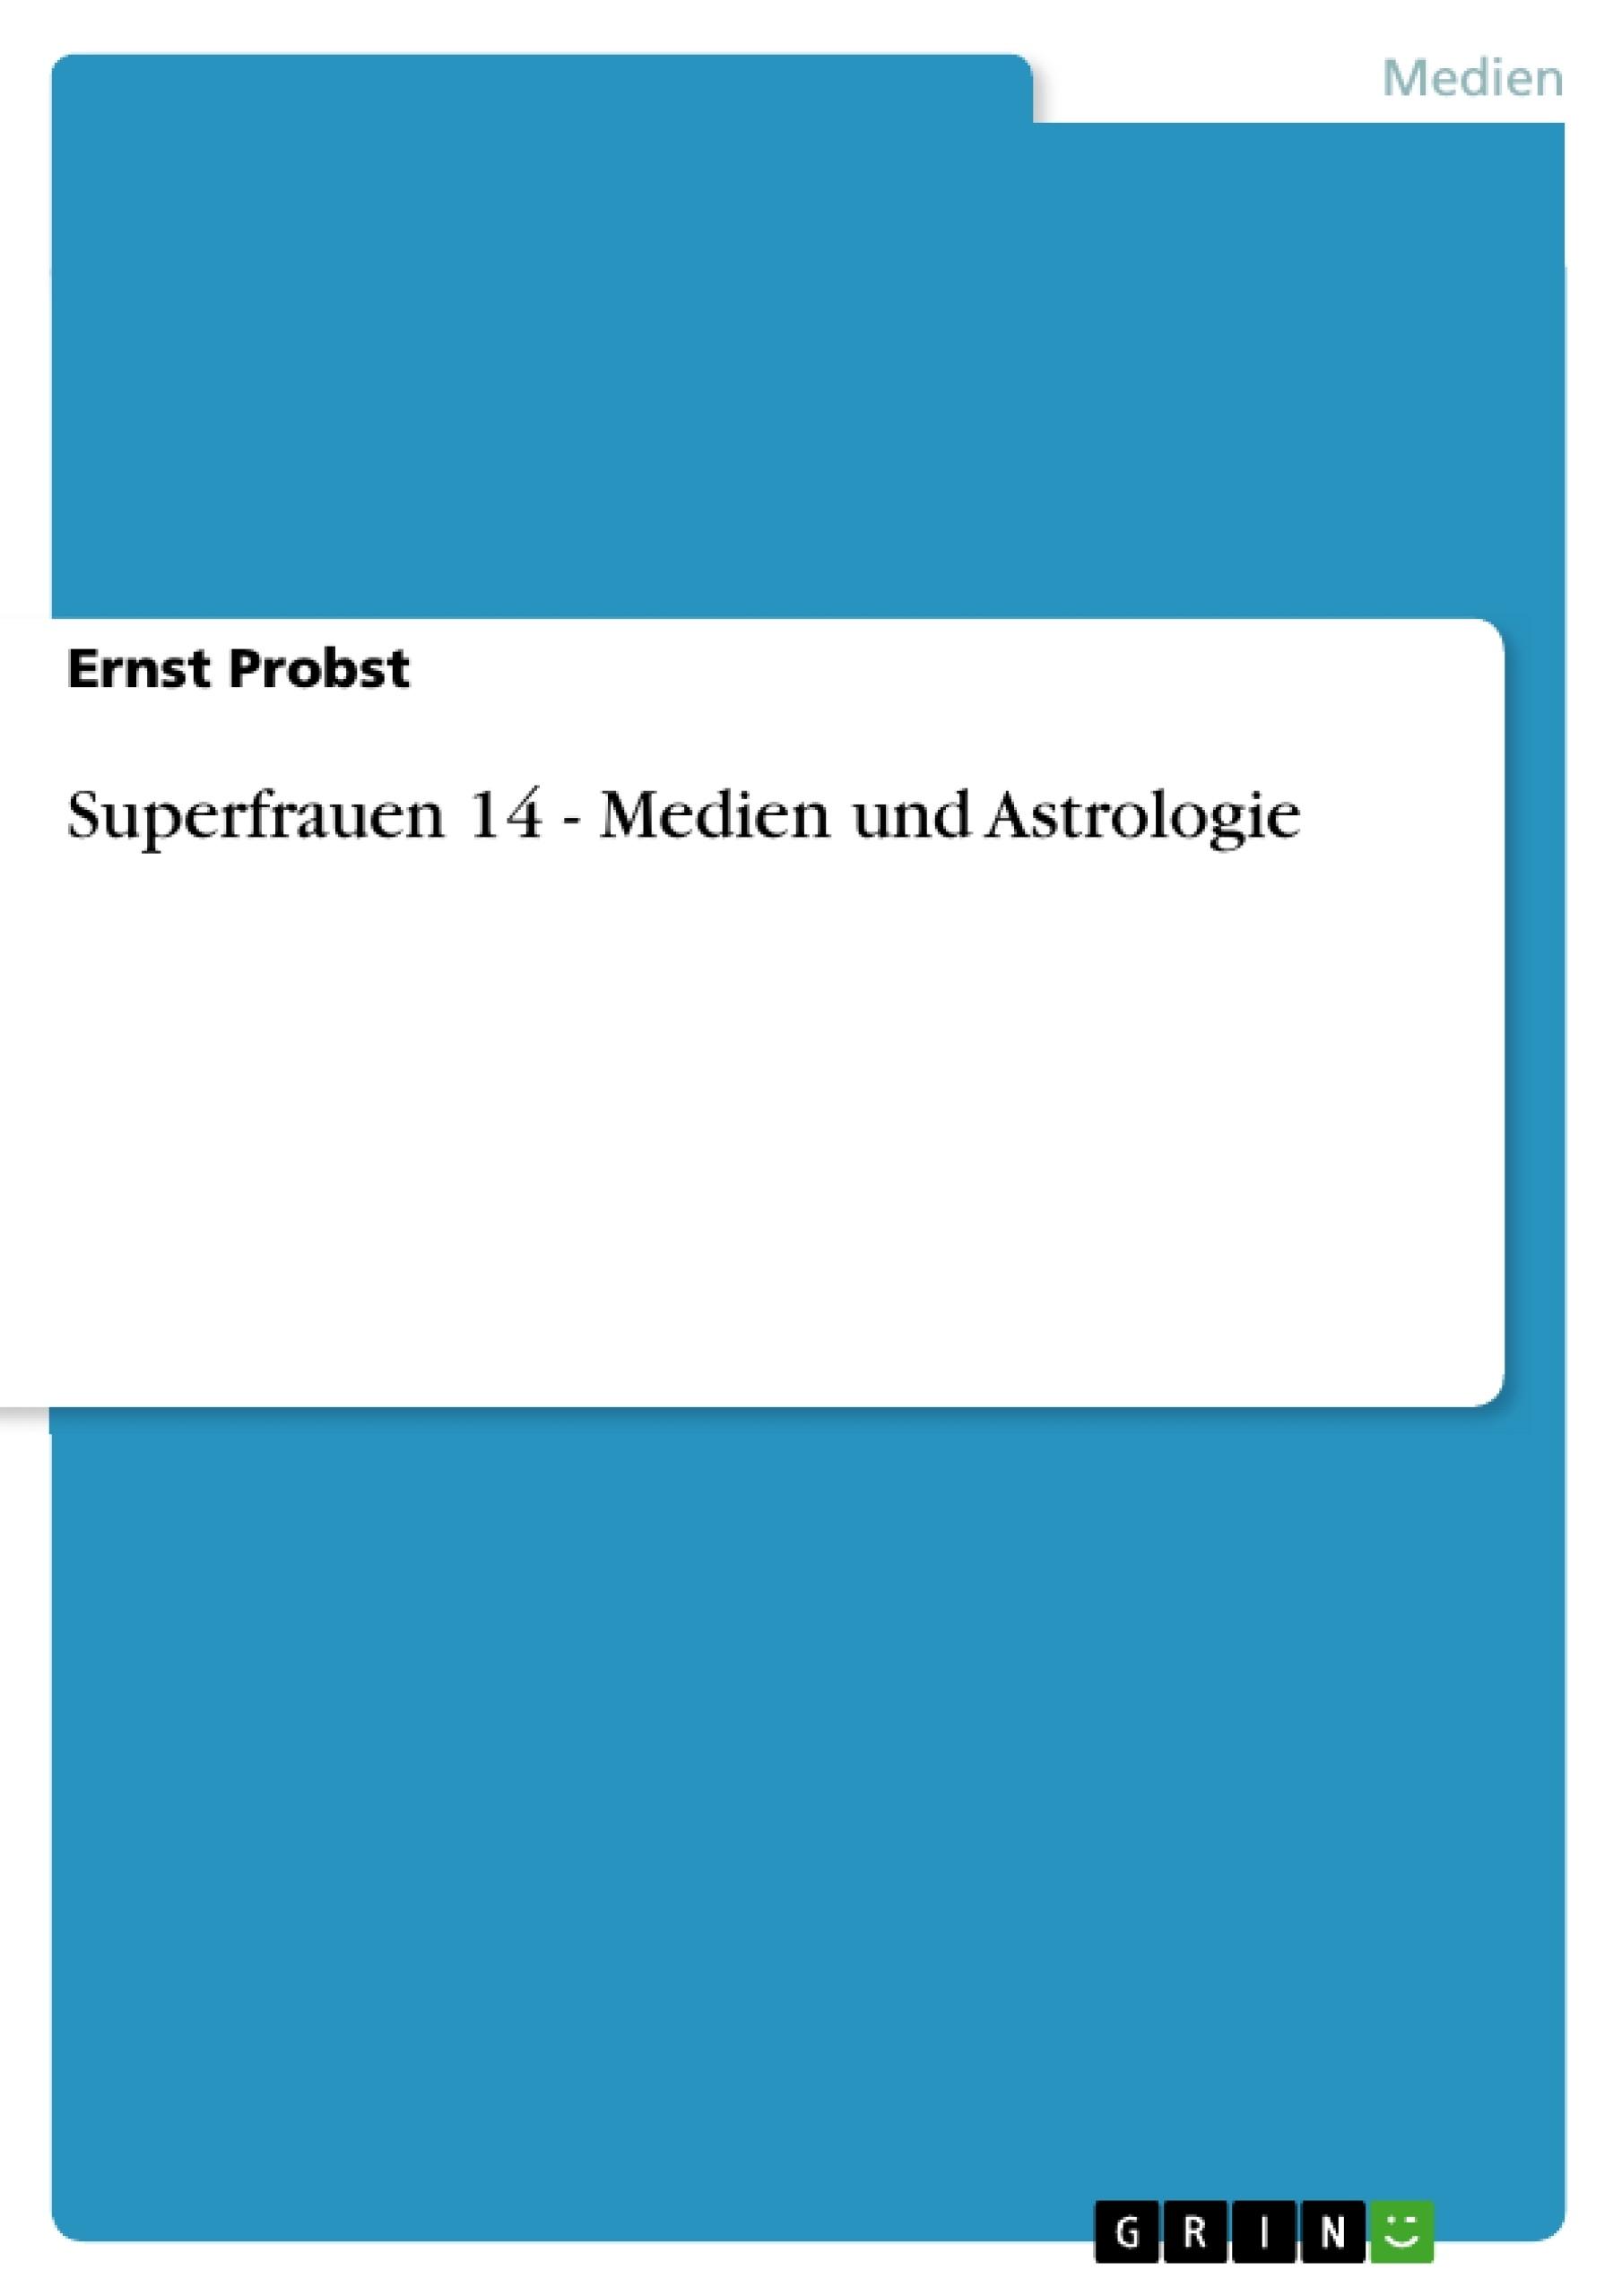 Titel: Superfrauen 14 - Medien und Astrologie